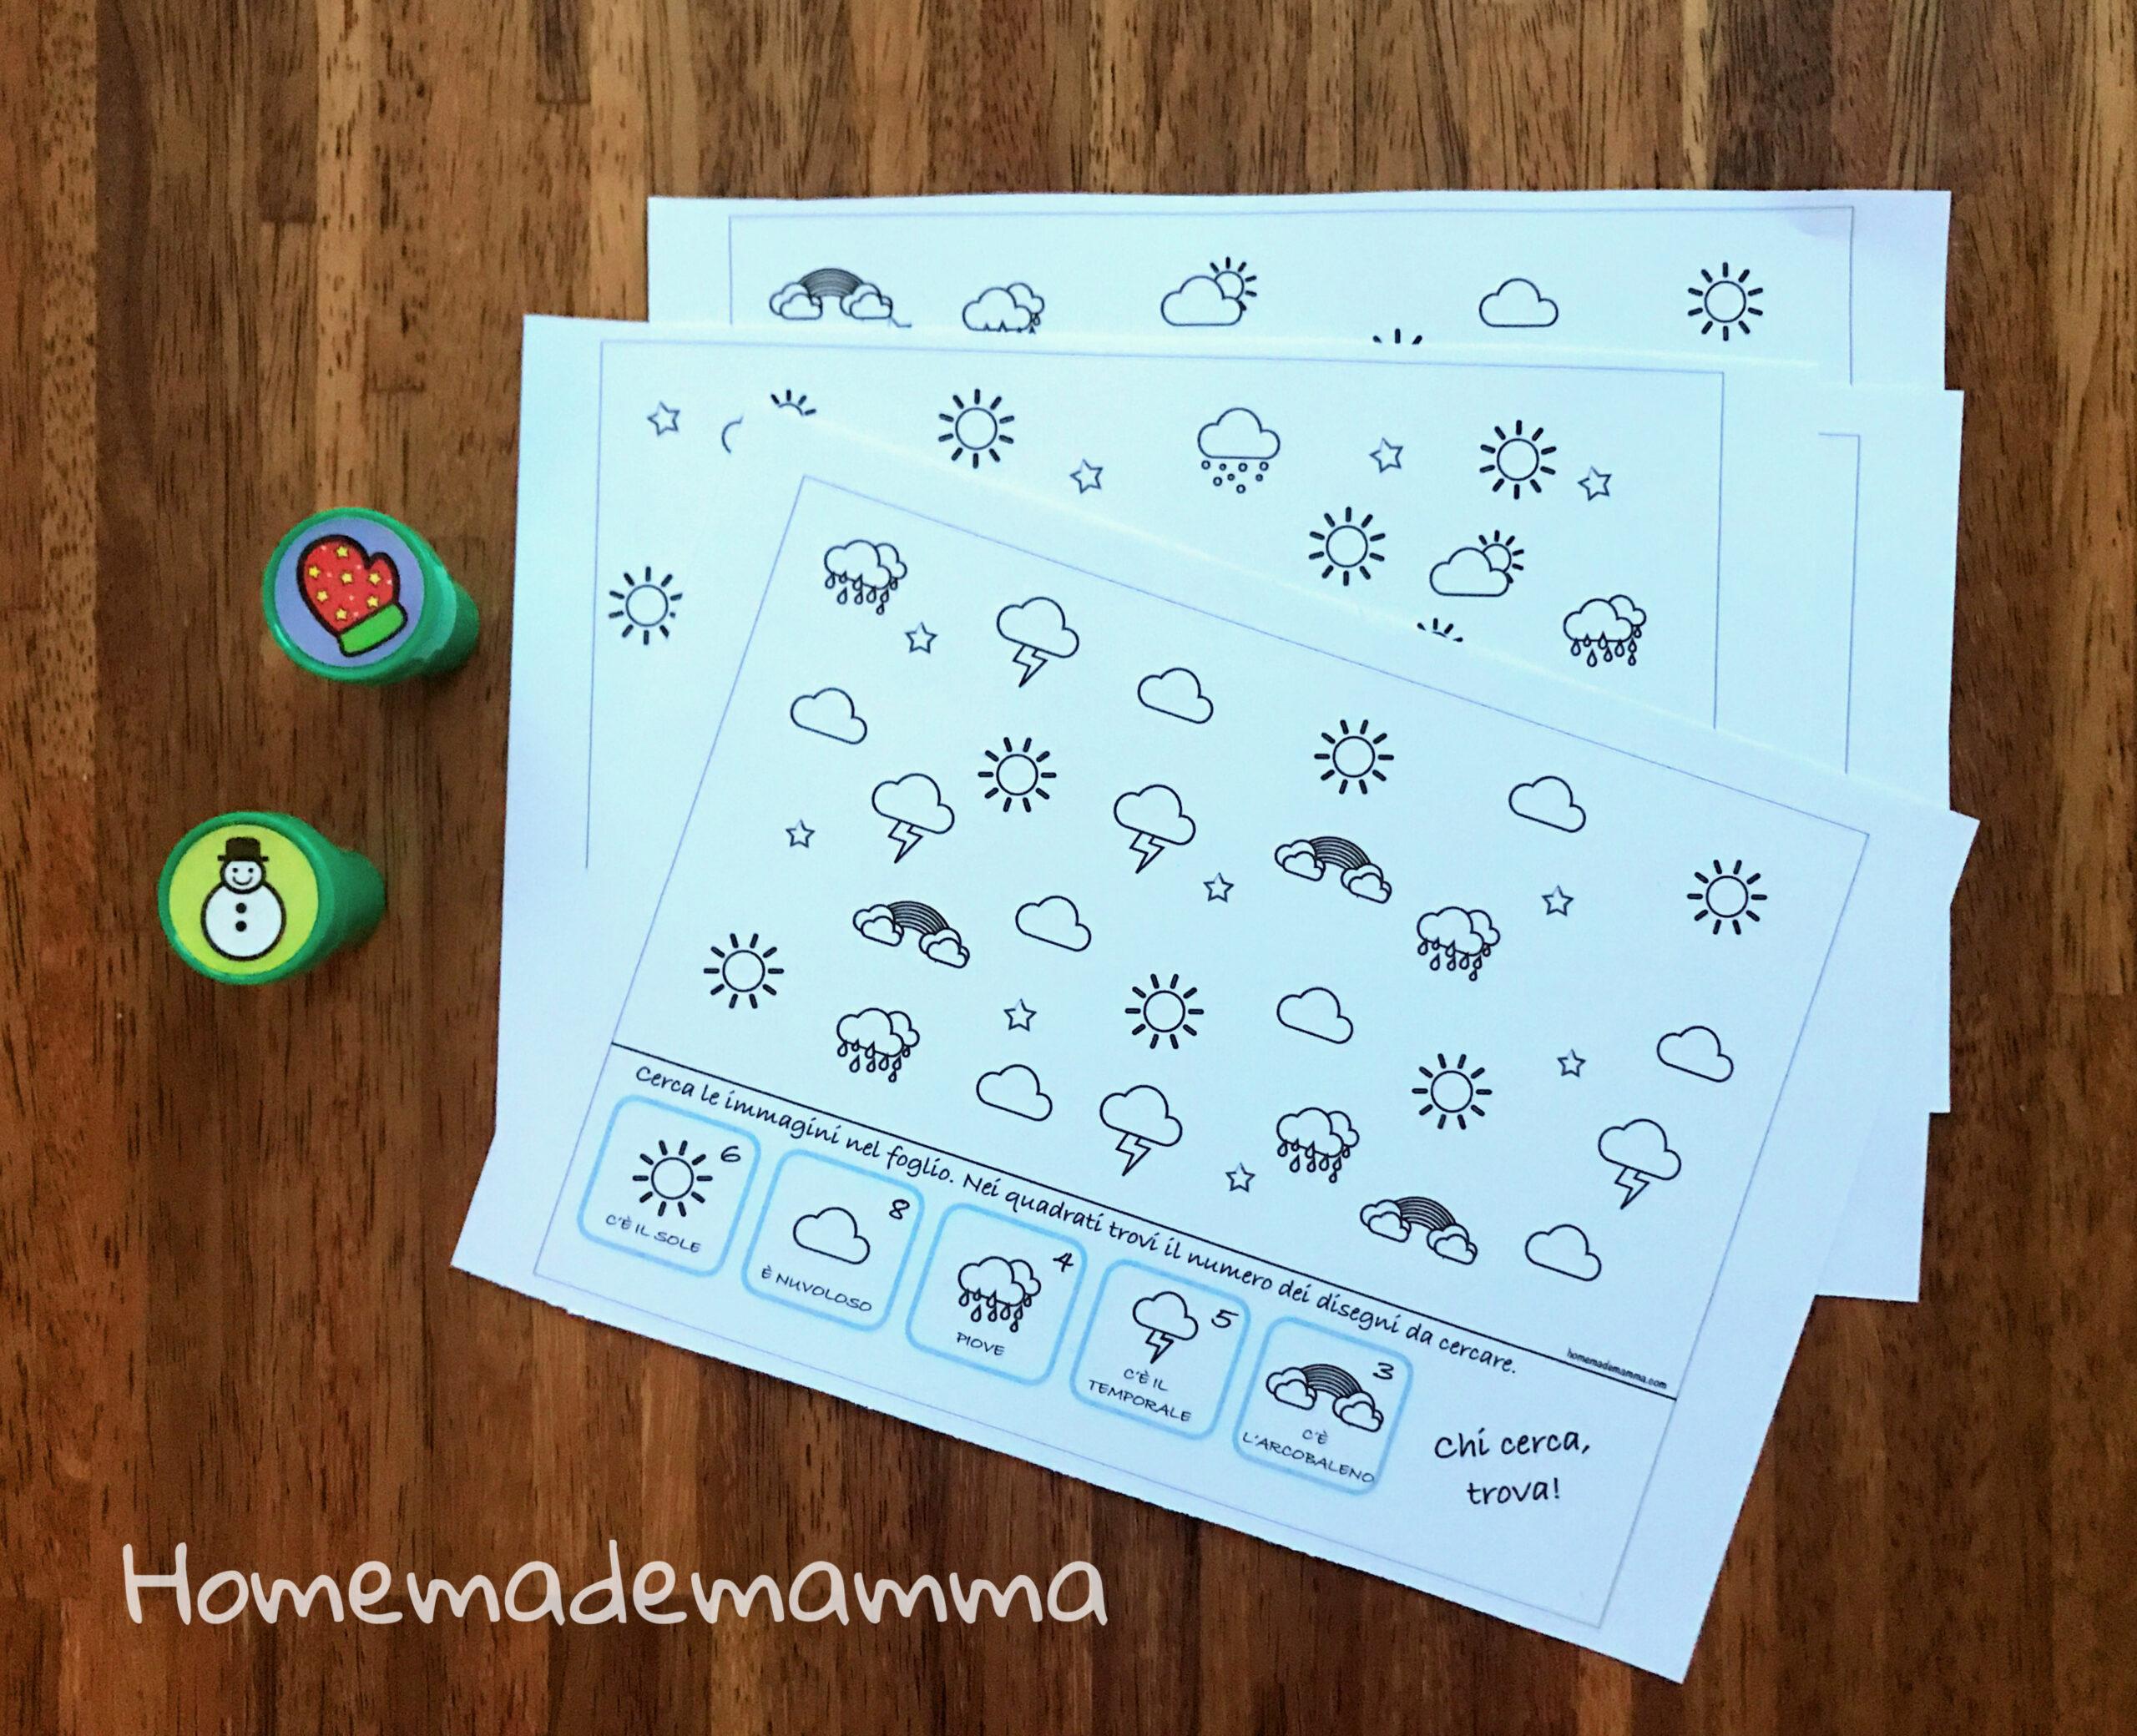 Schede con giochi di ricerca per bambini sul tempo